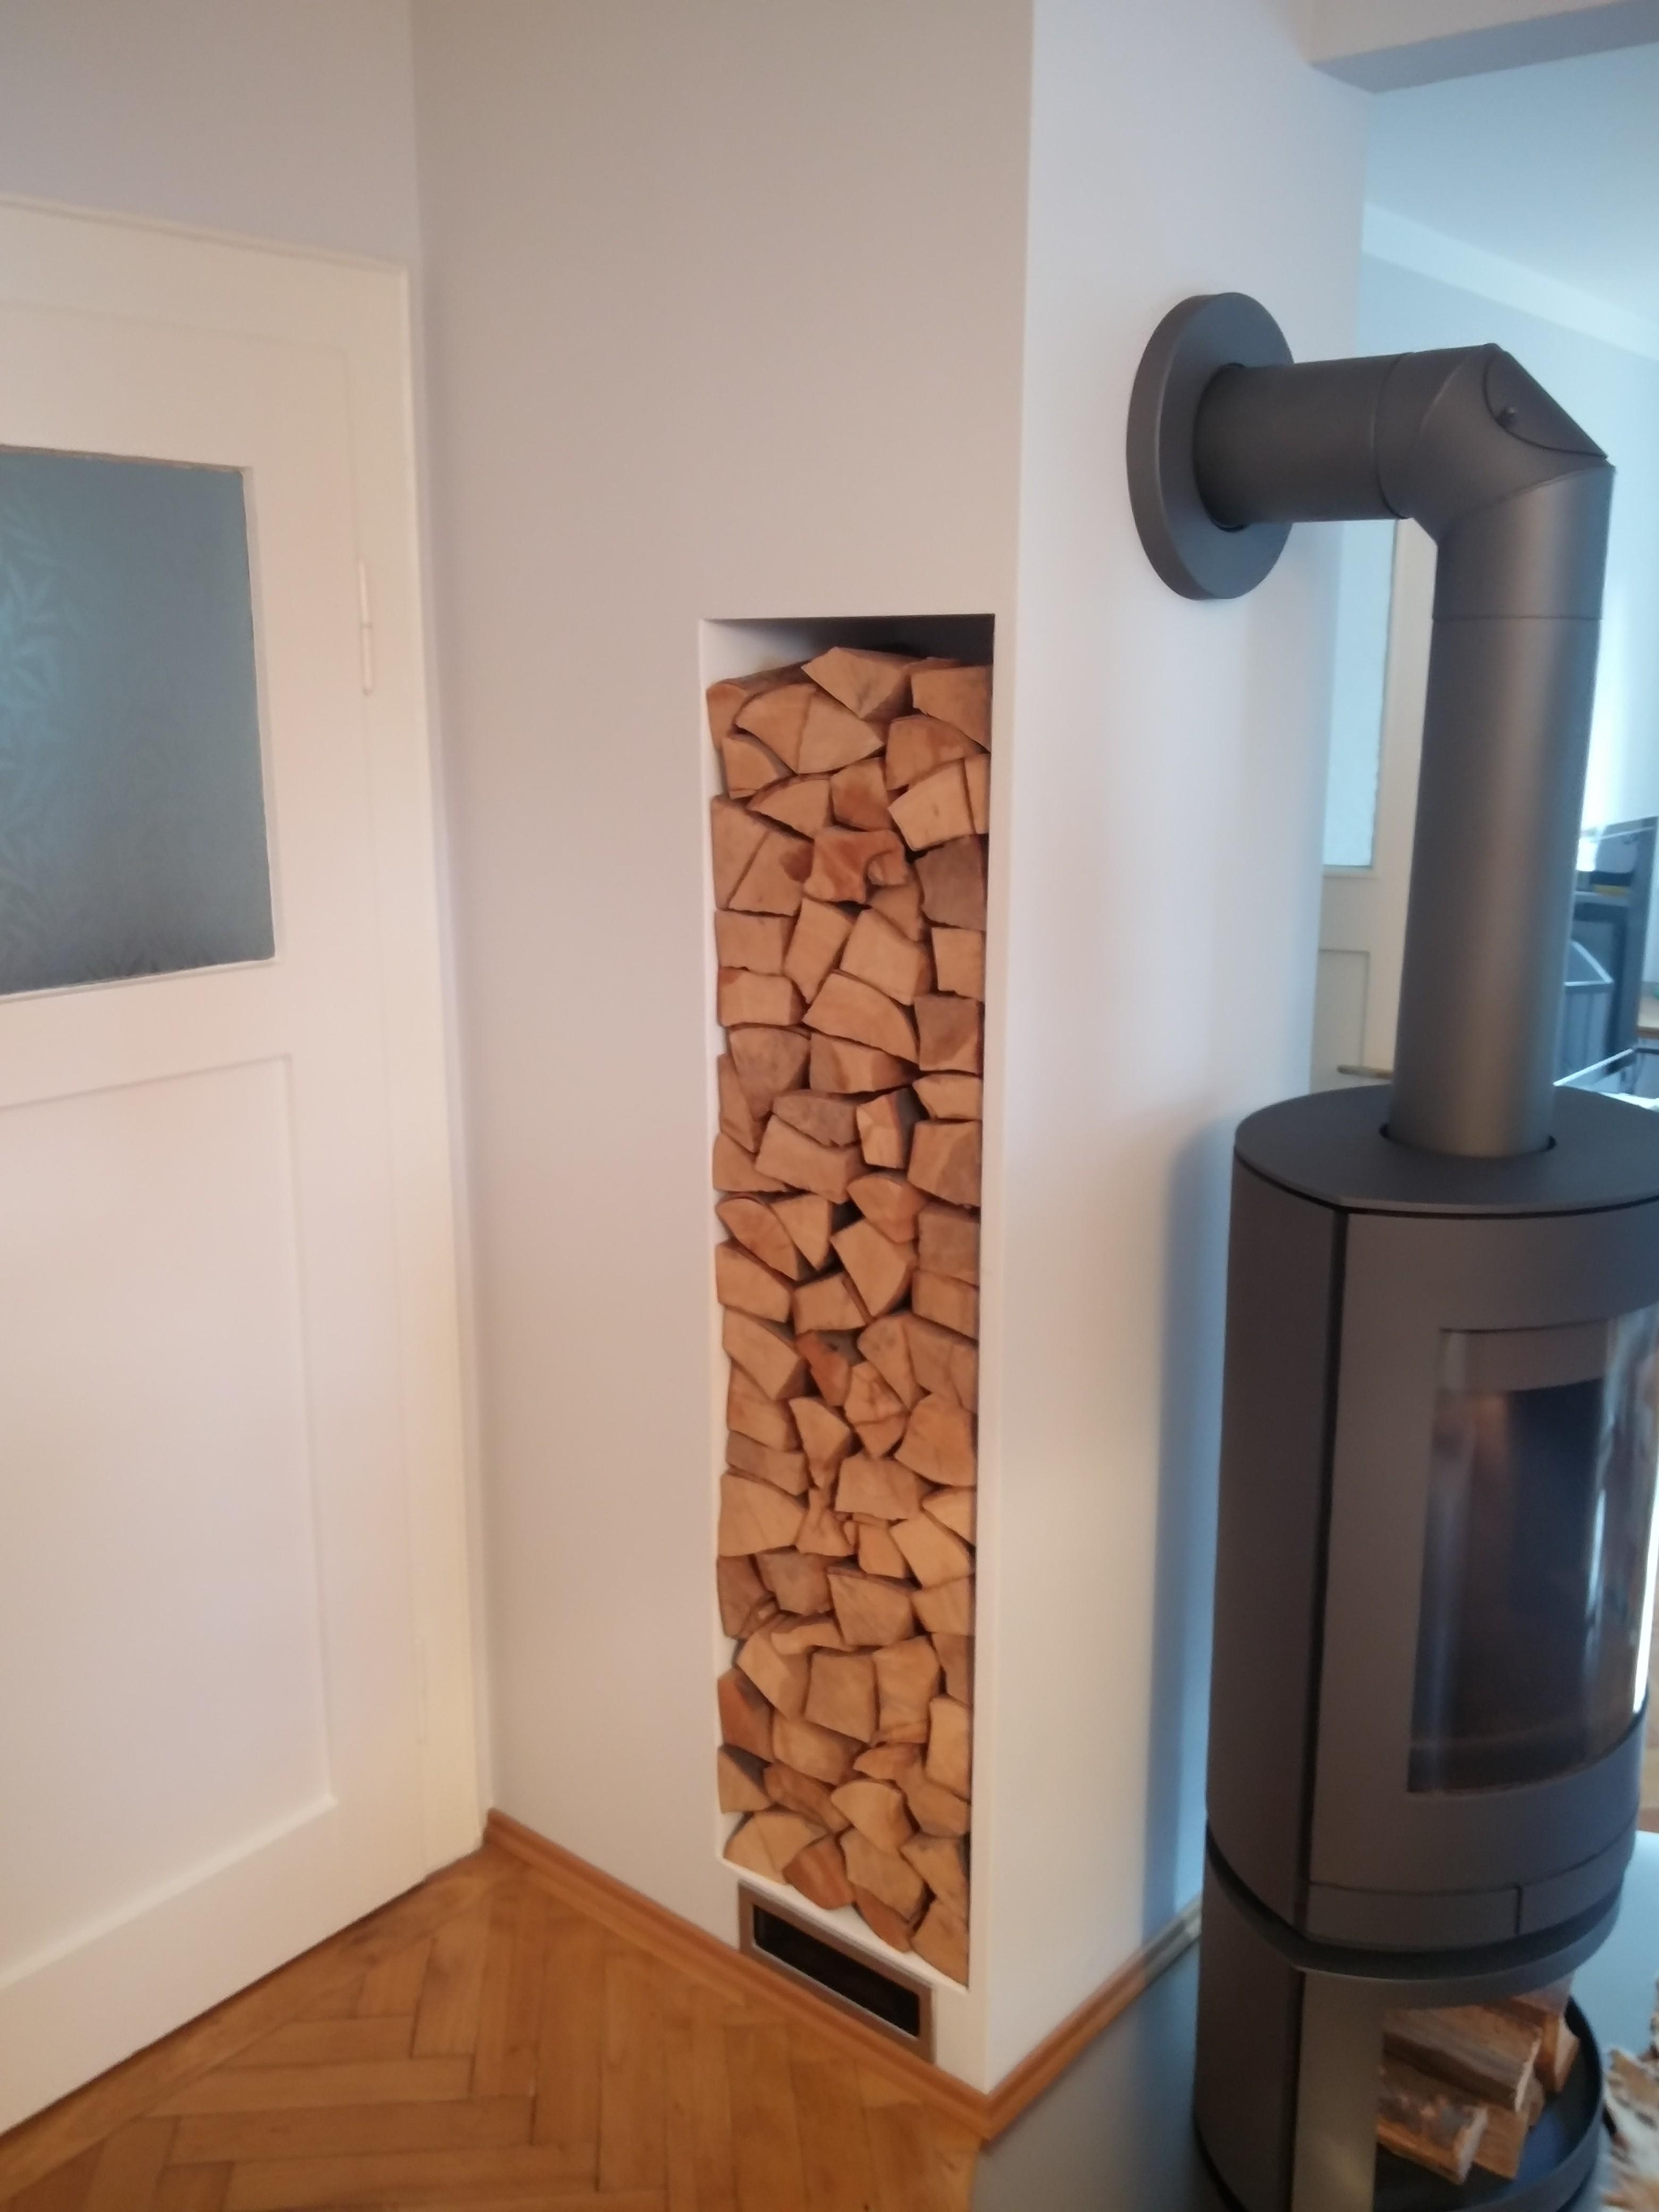 Holzlager und Bodenplatte / Wetzl-Innenausbau